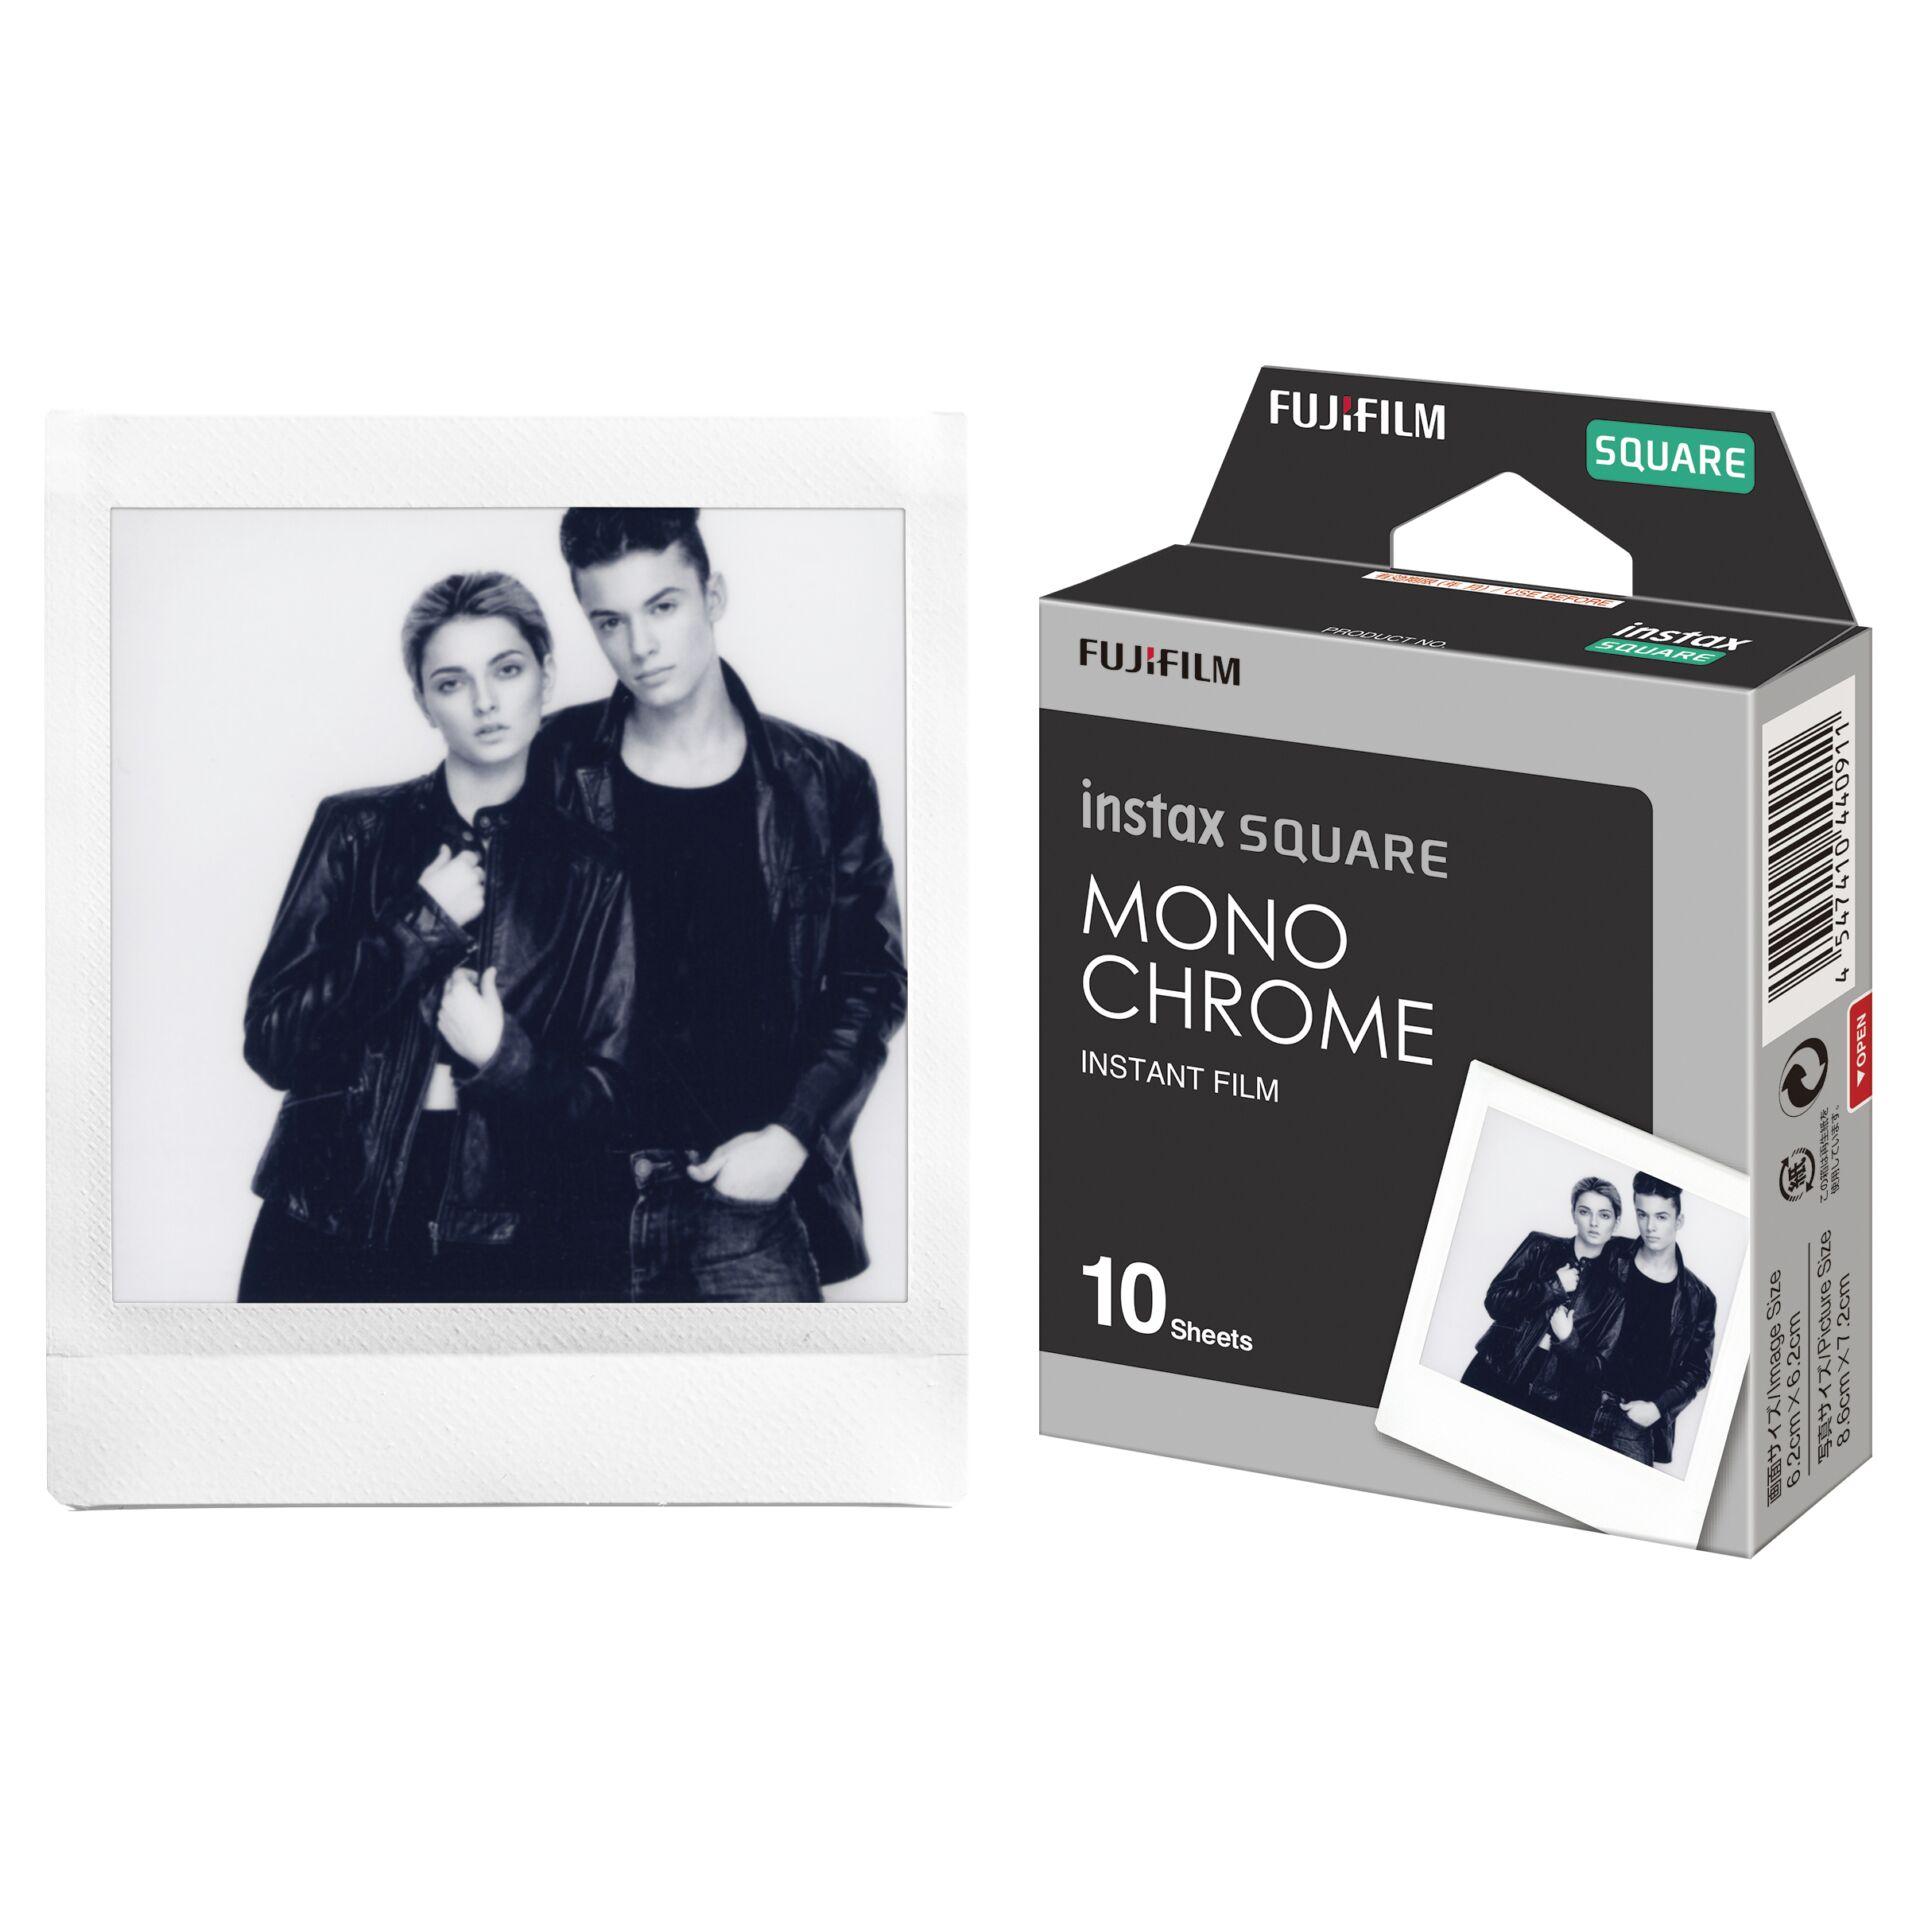 Fujifilm Instax Film Square monochrome